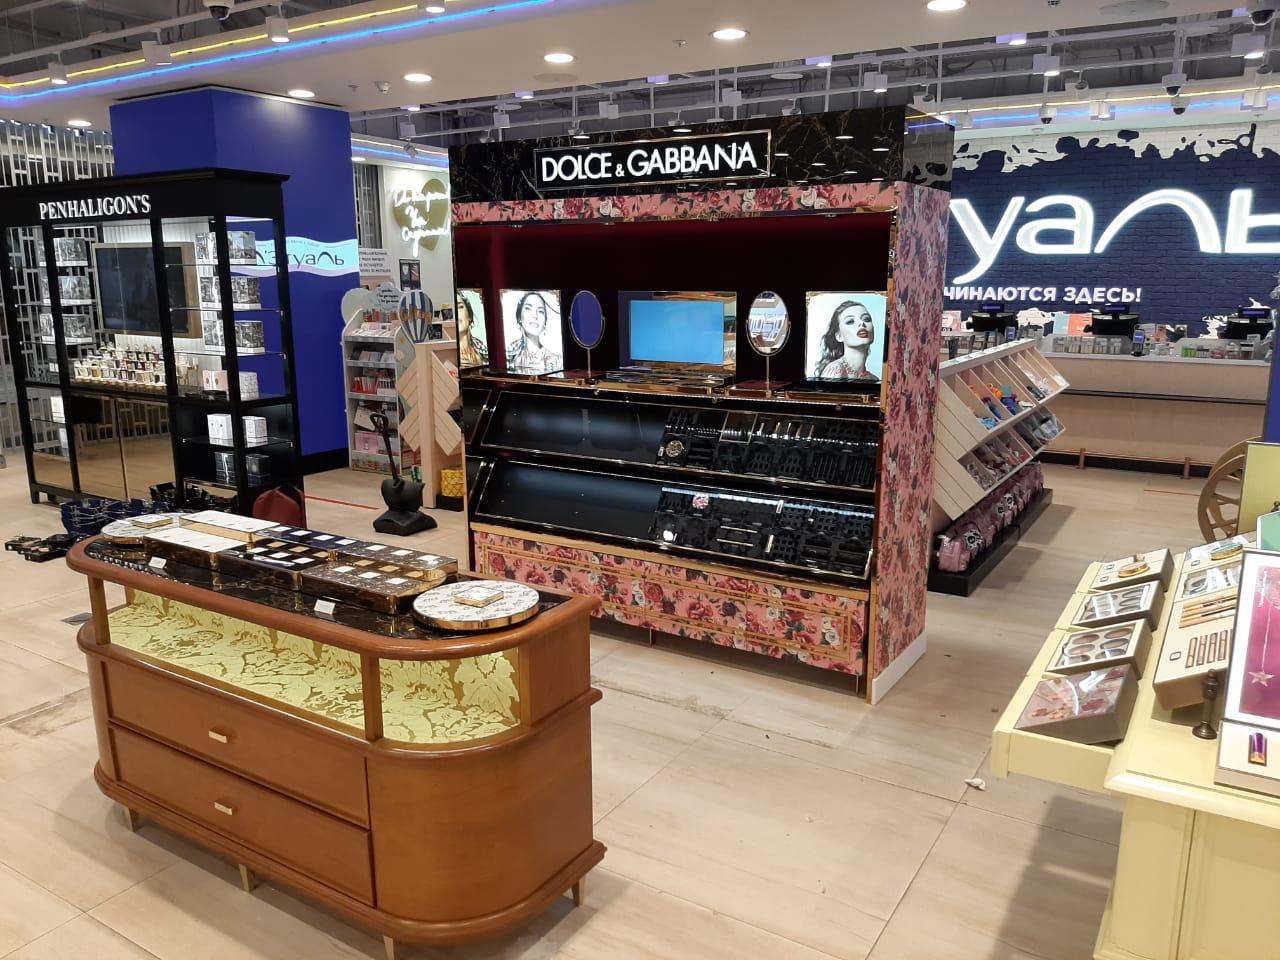 Dolce & Gabbana, ТЦ Афимолл, г.Москва